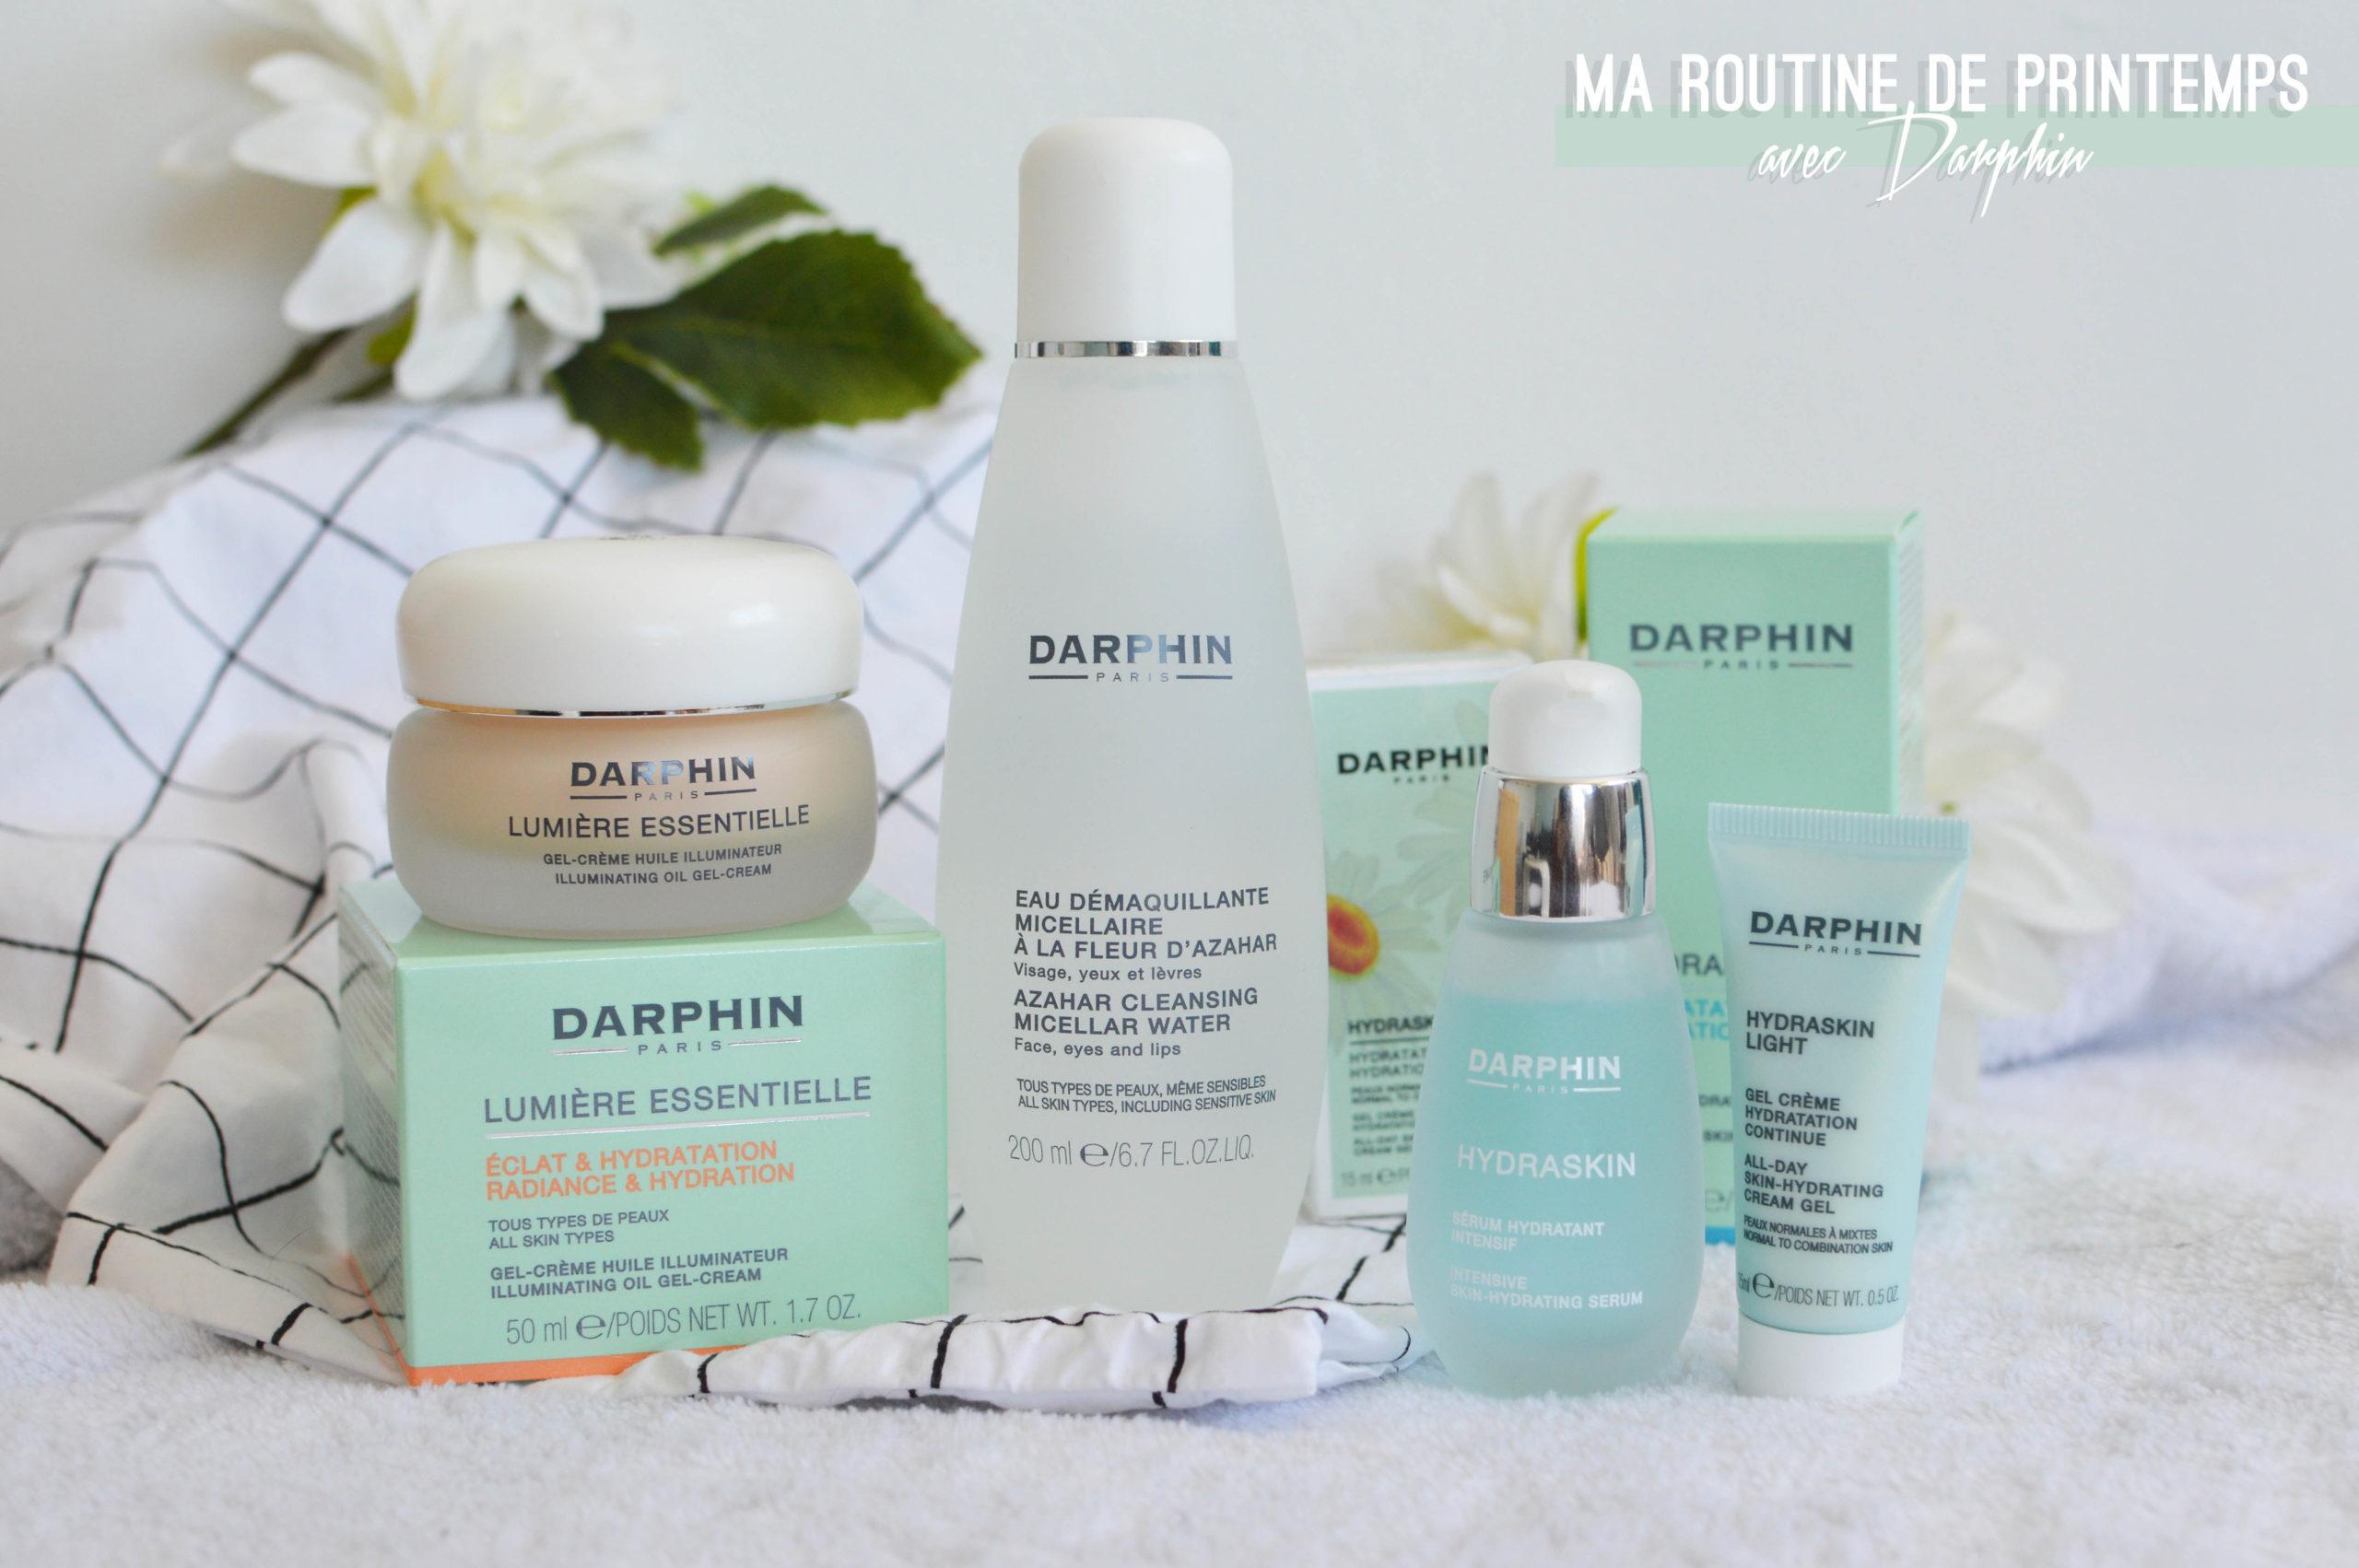 ma routine de printemps avec Darphin